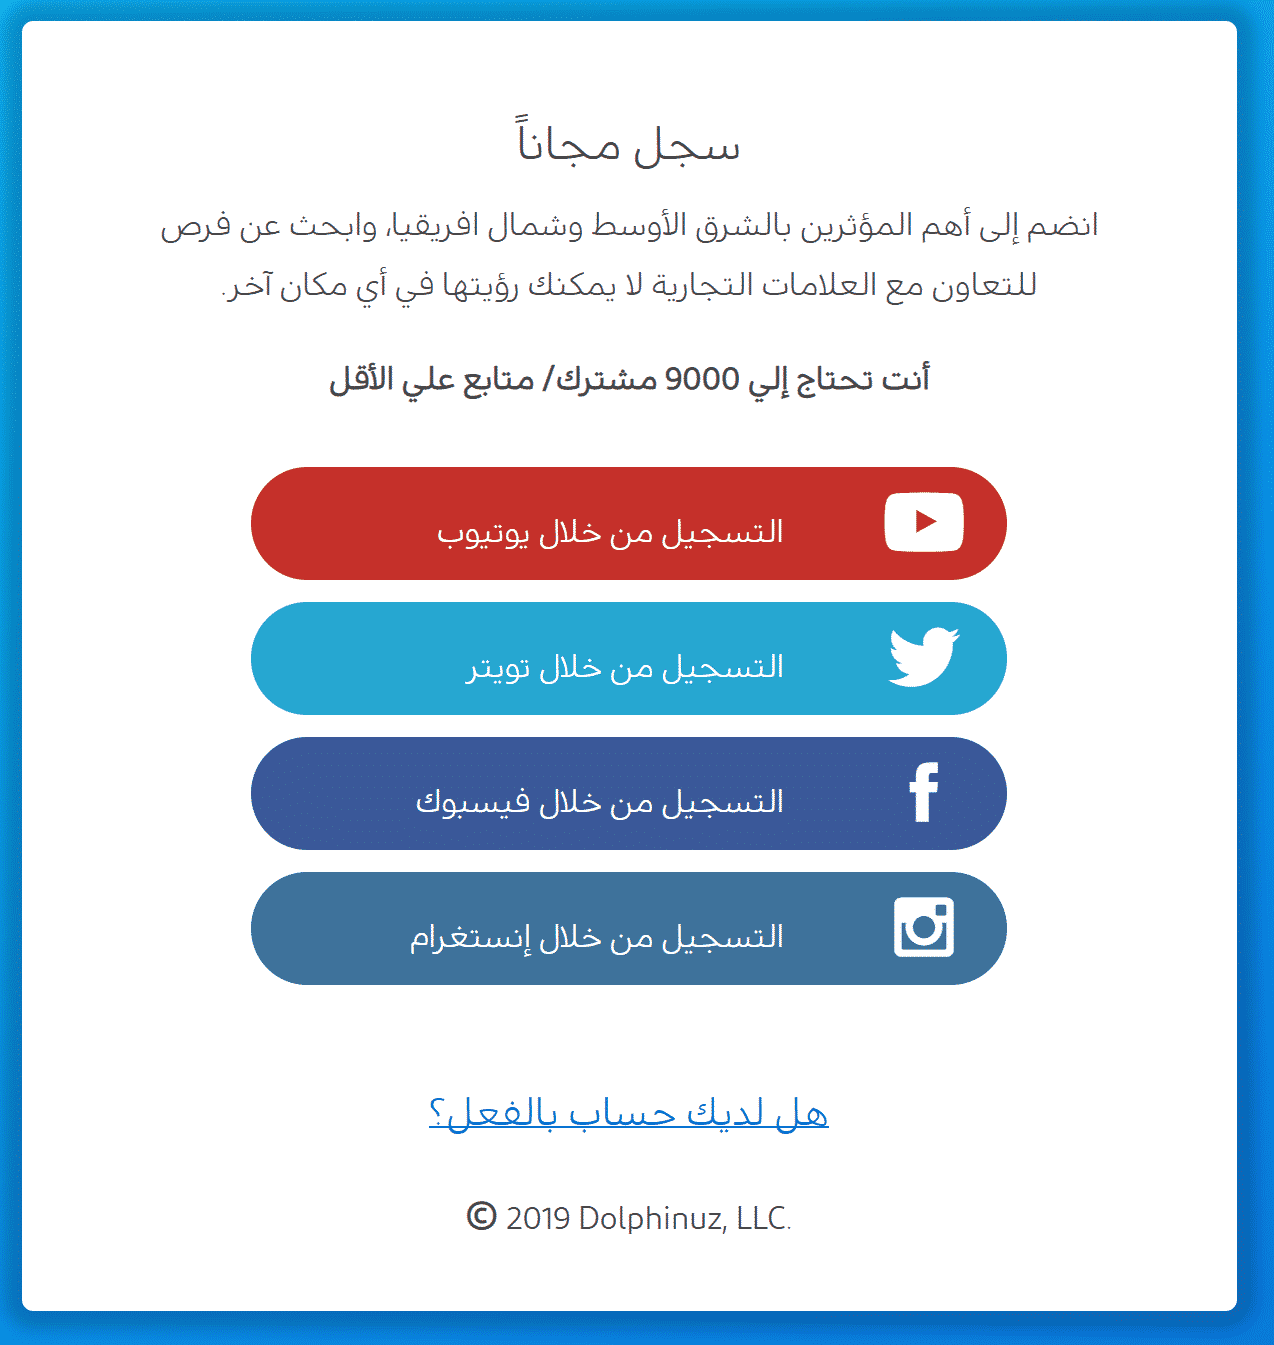 %D8%A7%D9%84%D8%AA%D8%B3%D8%AC%D9%8A%D9%84 دولفينوس.. الطريقة الأكيدة بالعالم العربي للربح من فيس بوك و انستقرام وتويتر